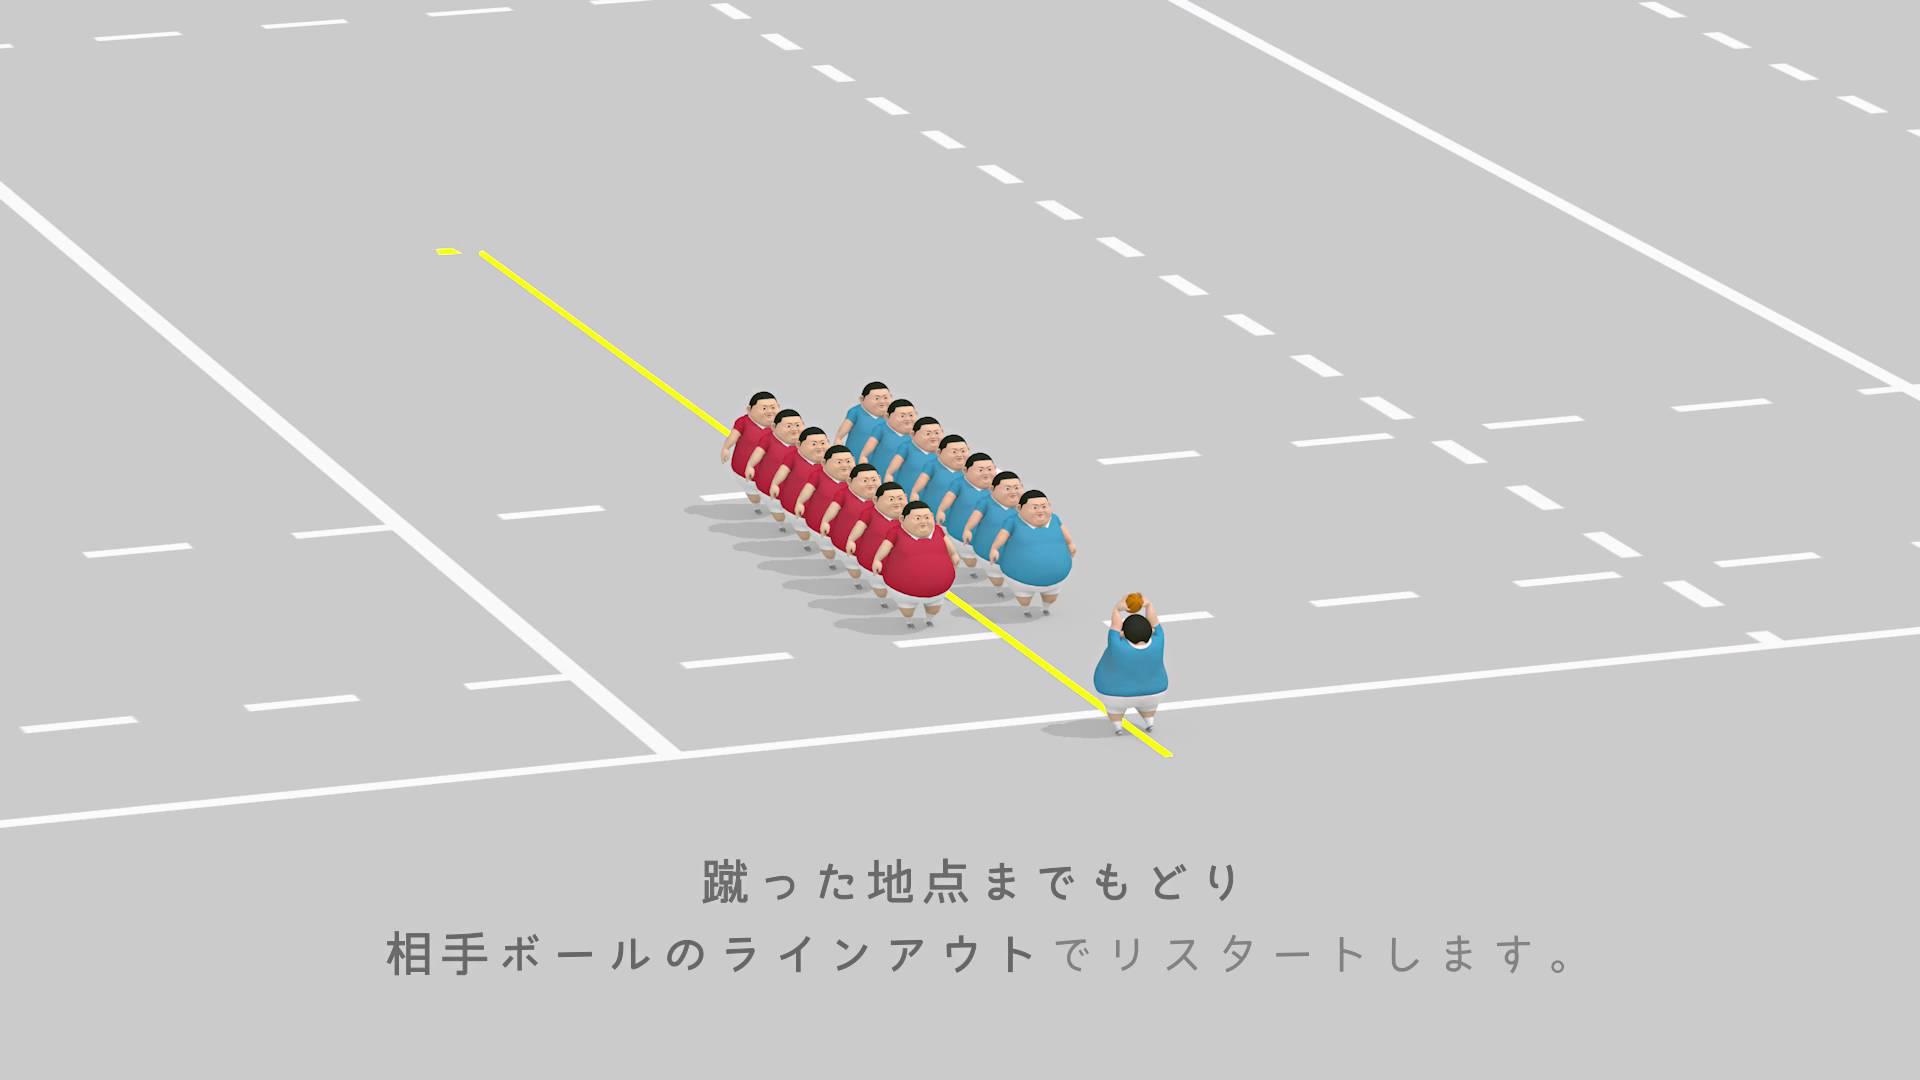 ラグビーのルール <第4巻 タッチ篇> feat. Kishiboy